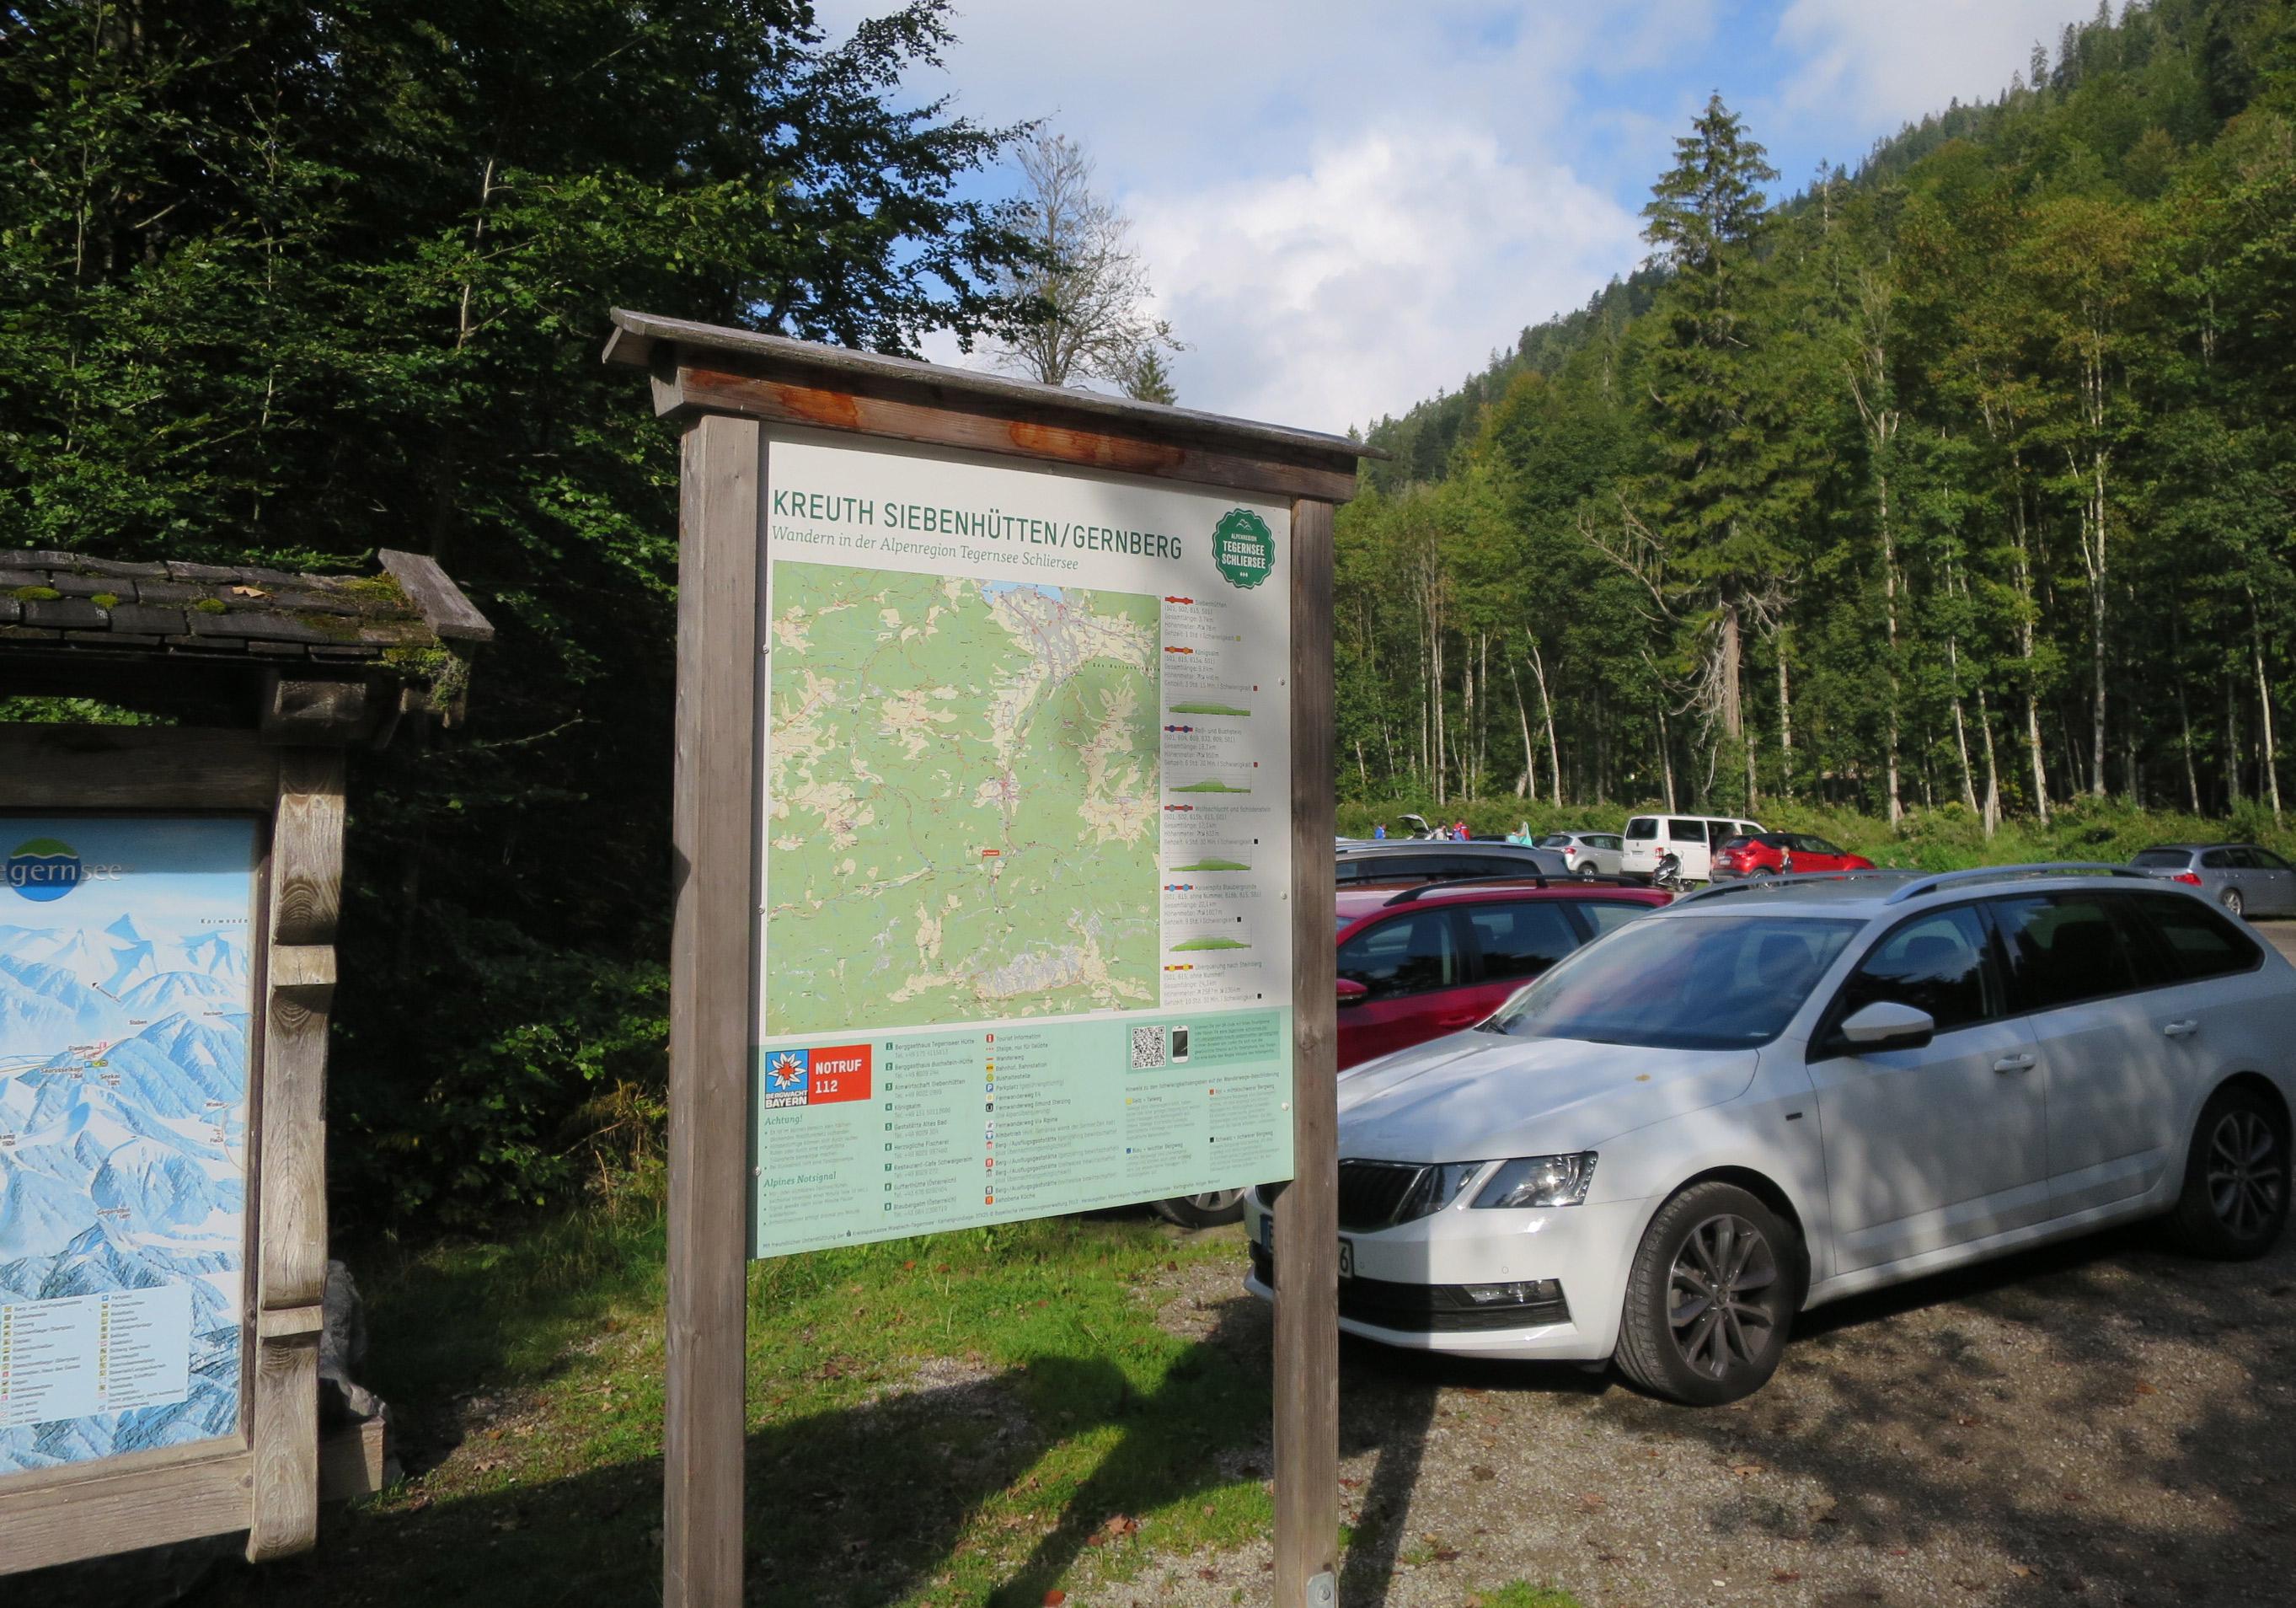 Parkplatz Siebenhütten